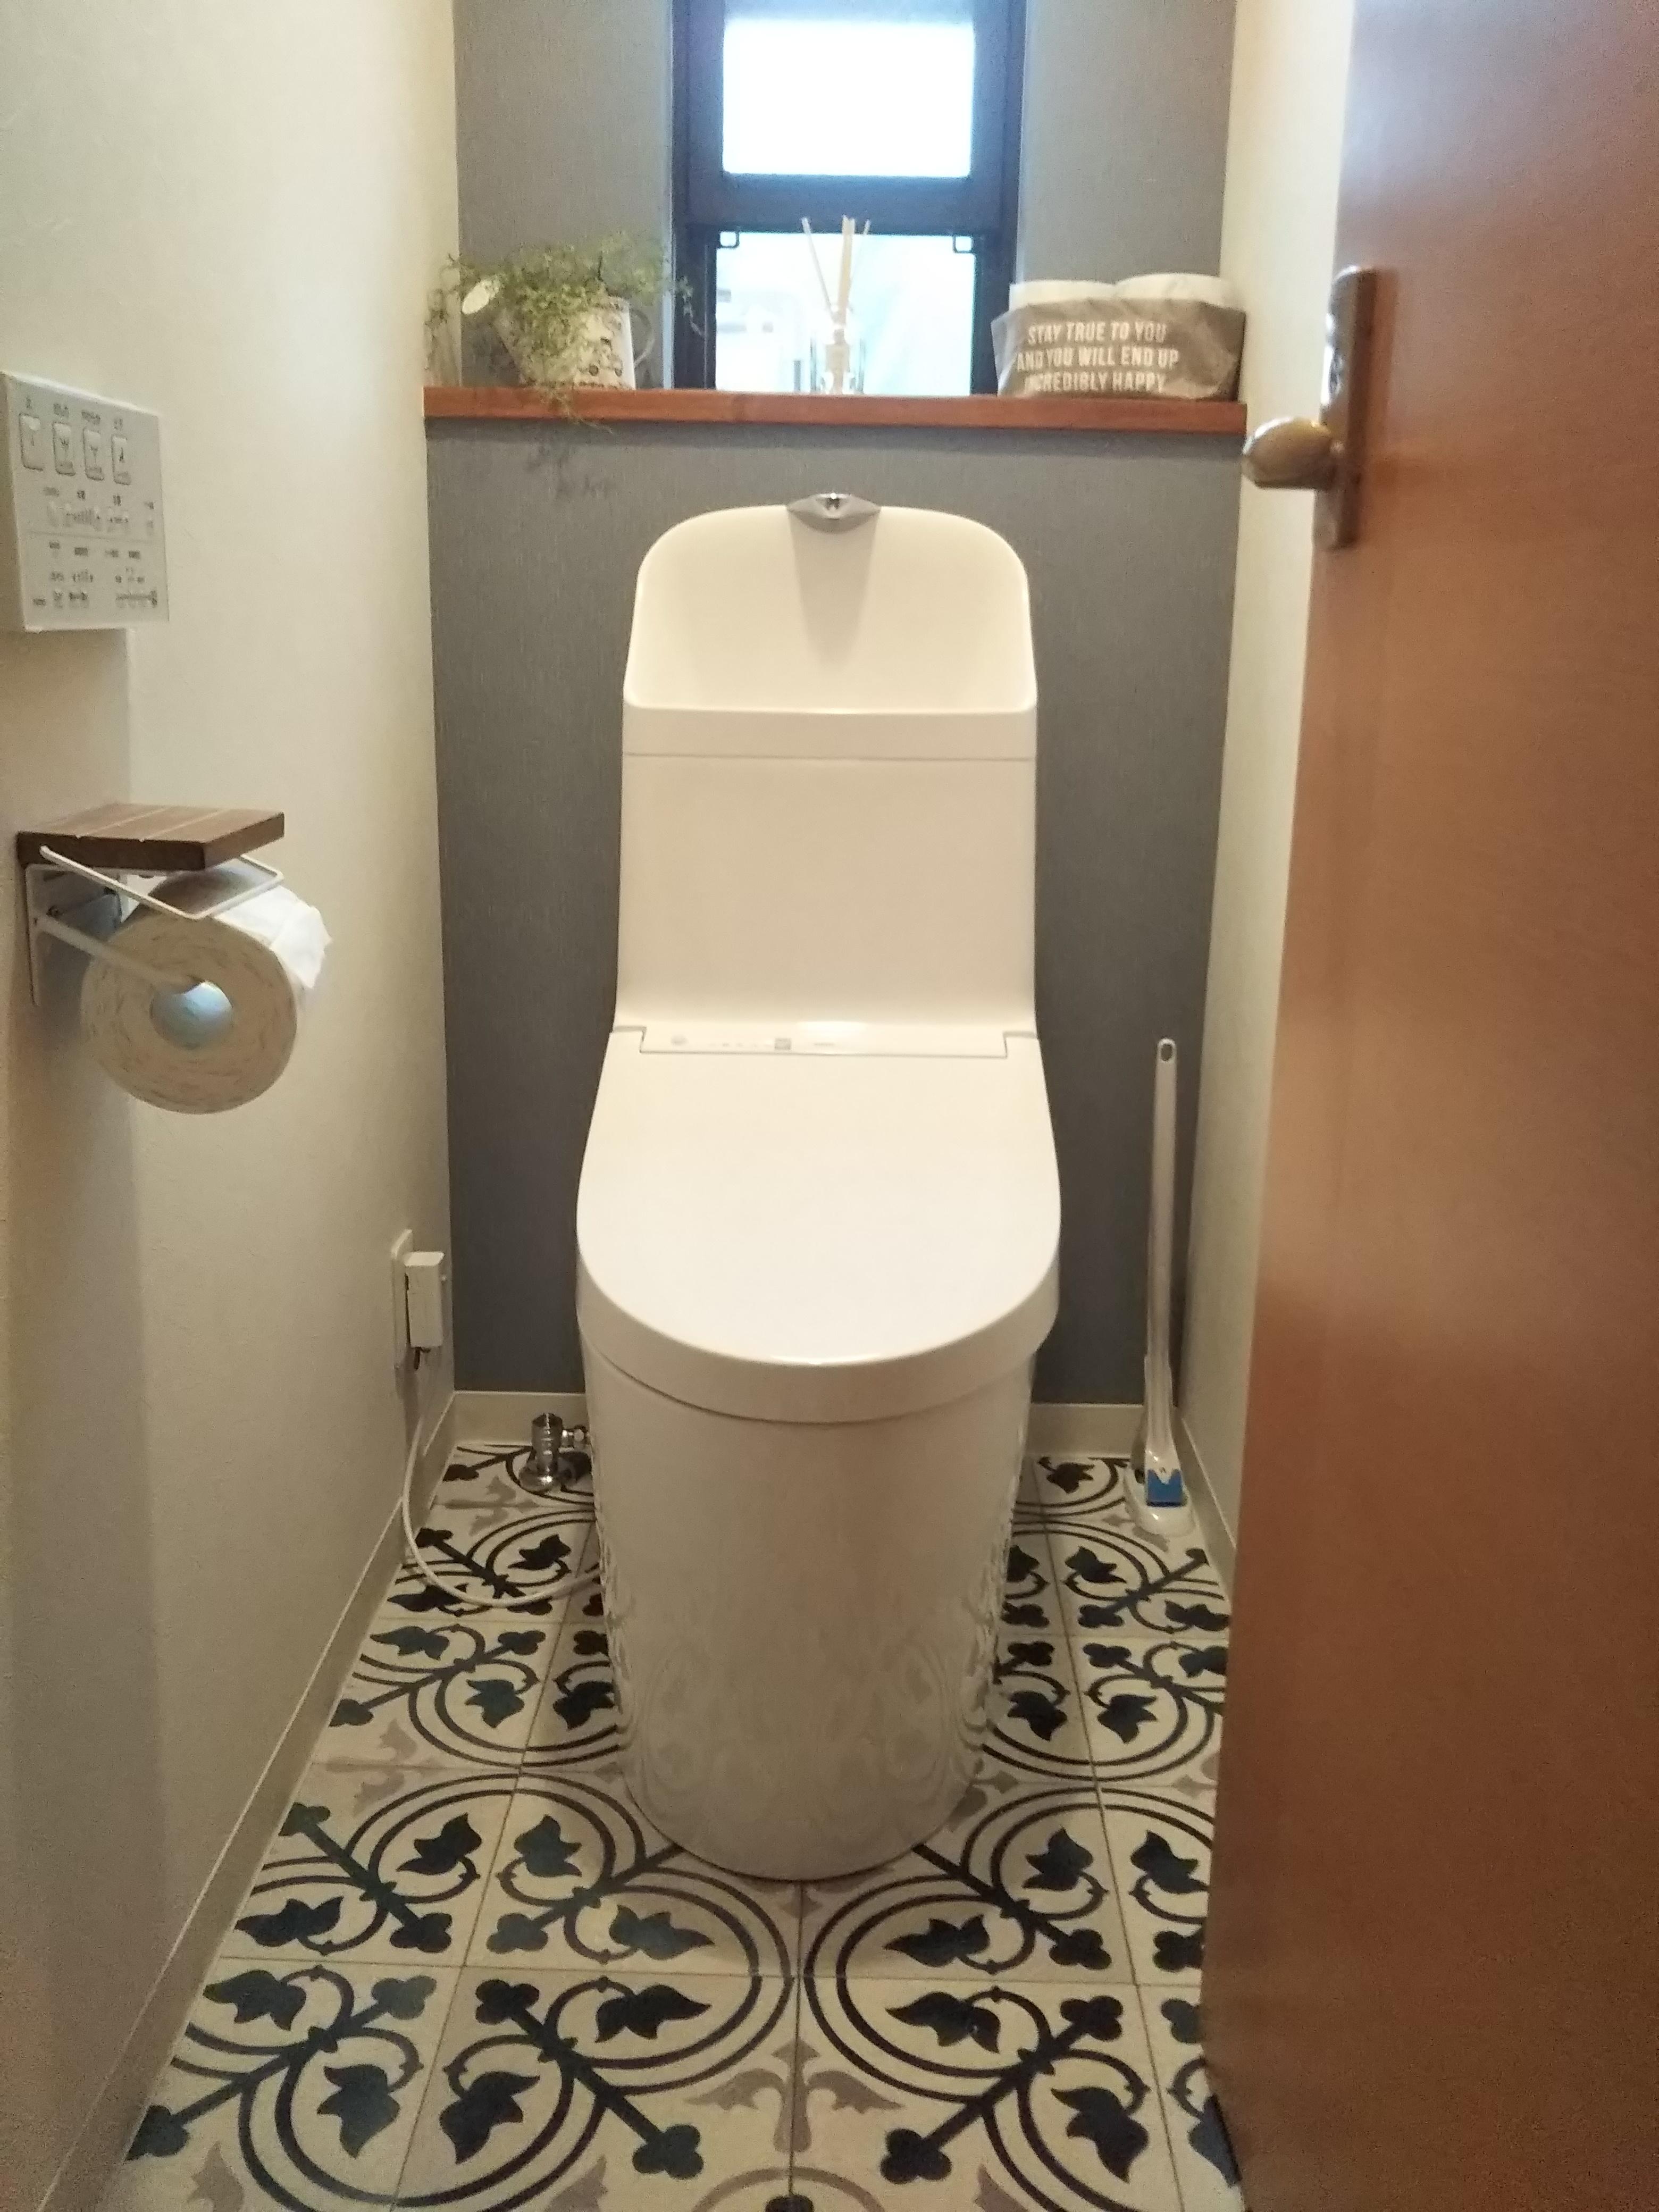 大人の雰囲気漂うトイレ室になりました